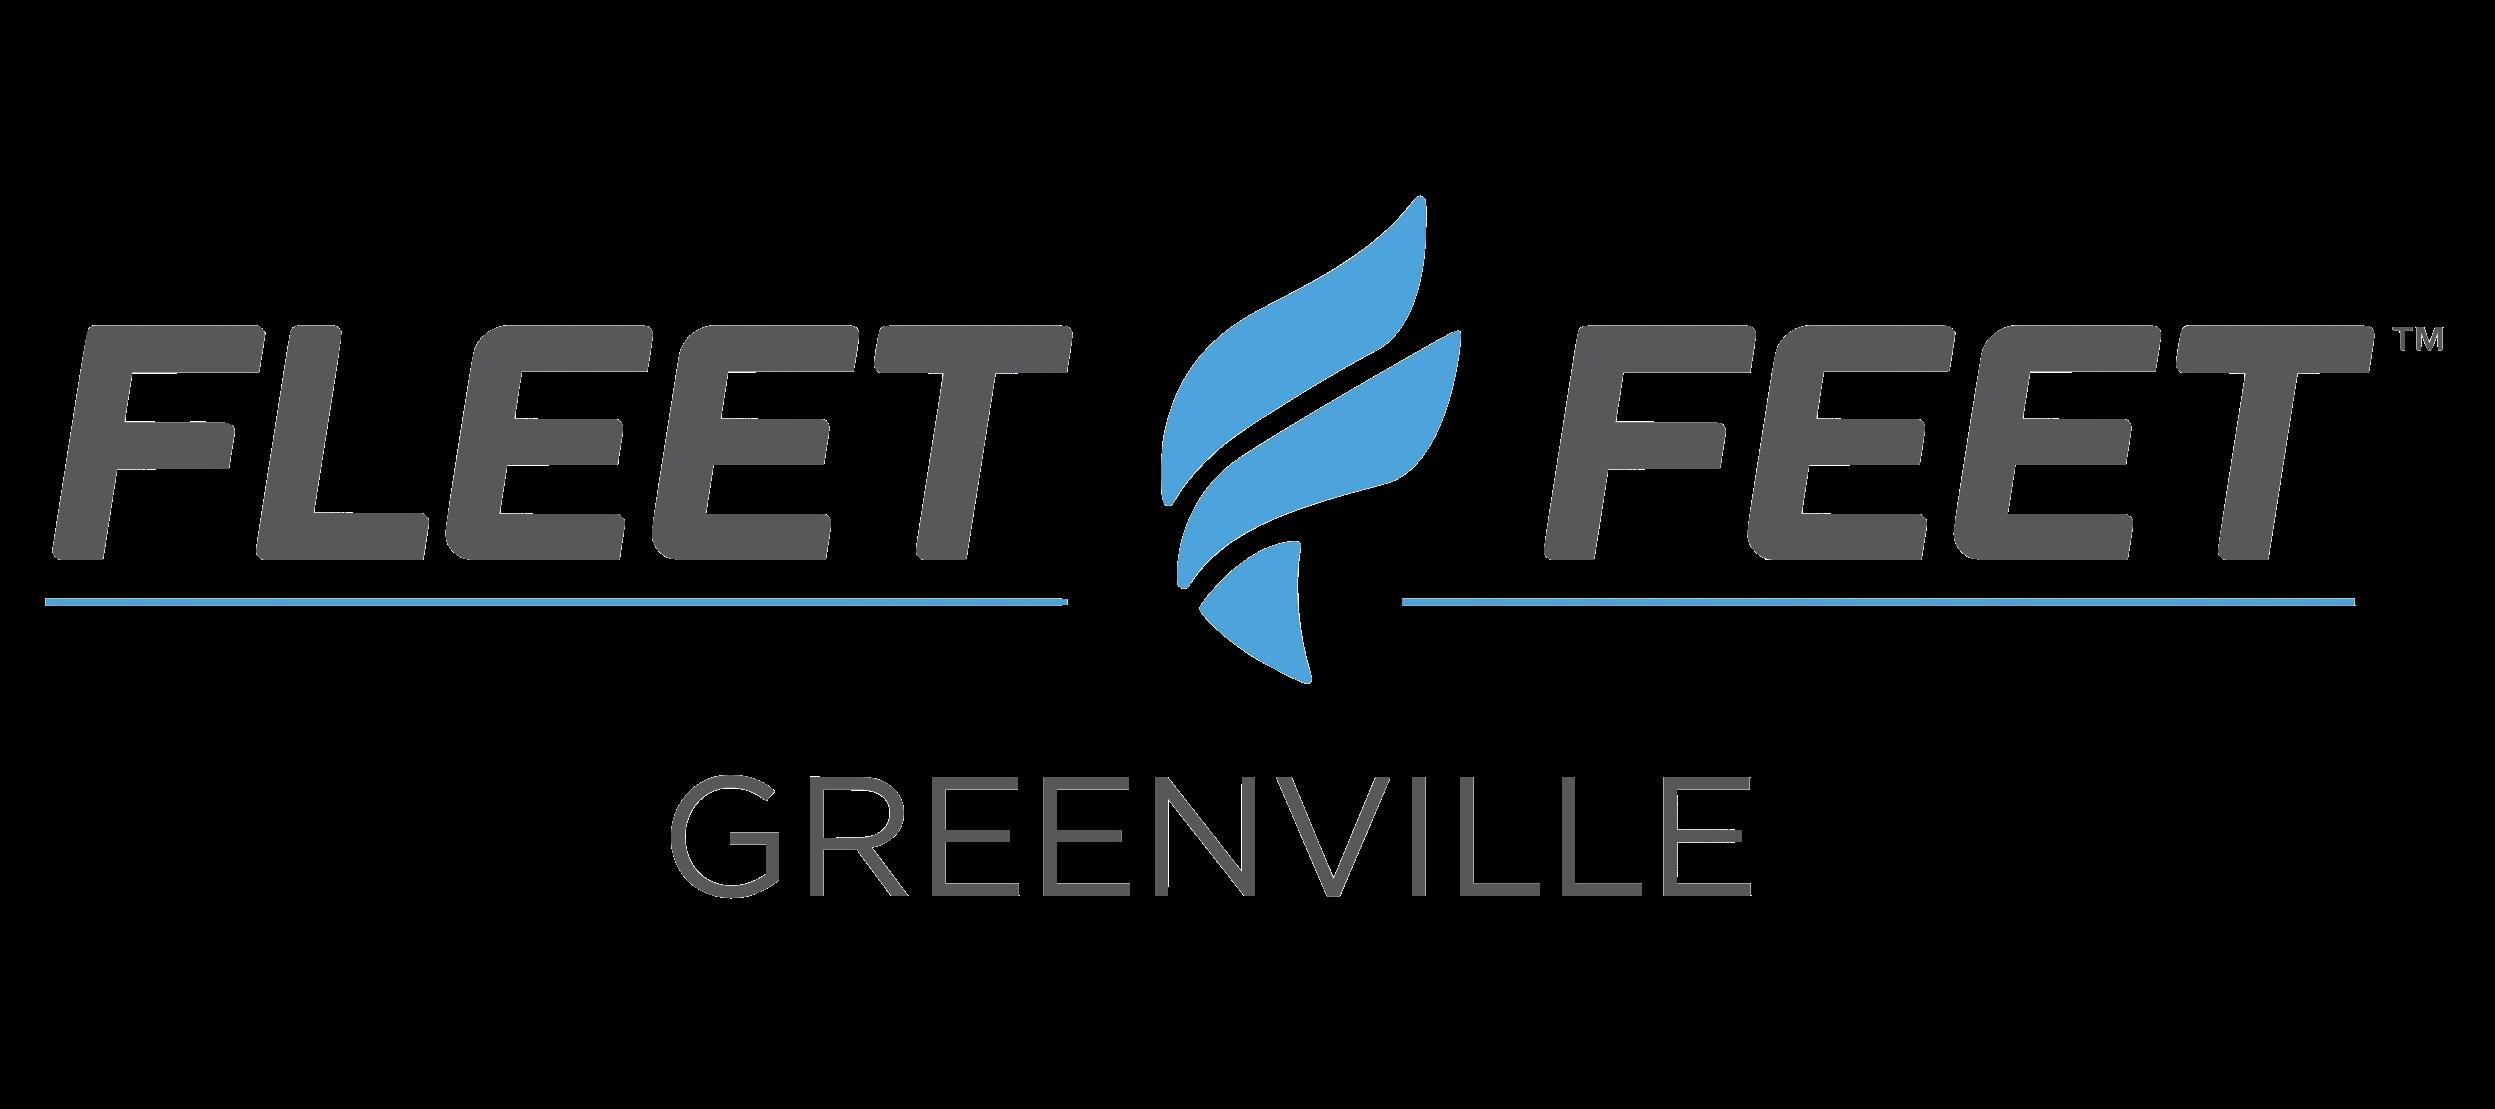 Fleet feet Greenville no background.png